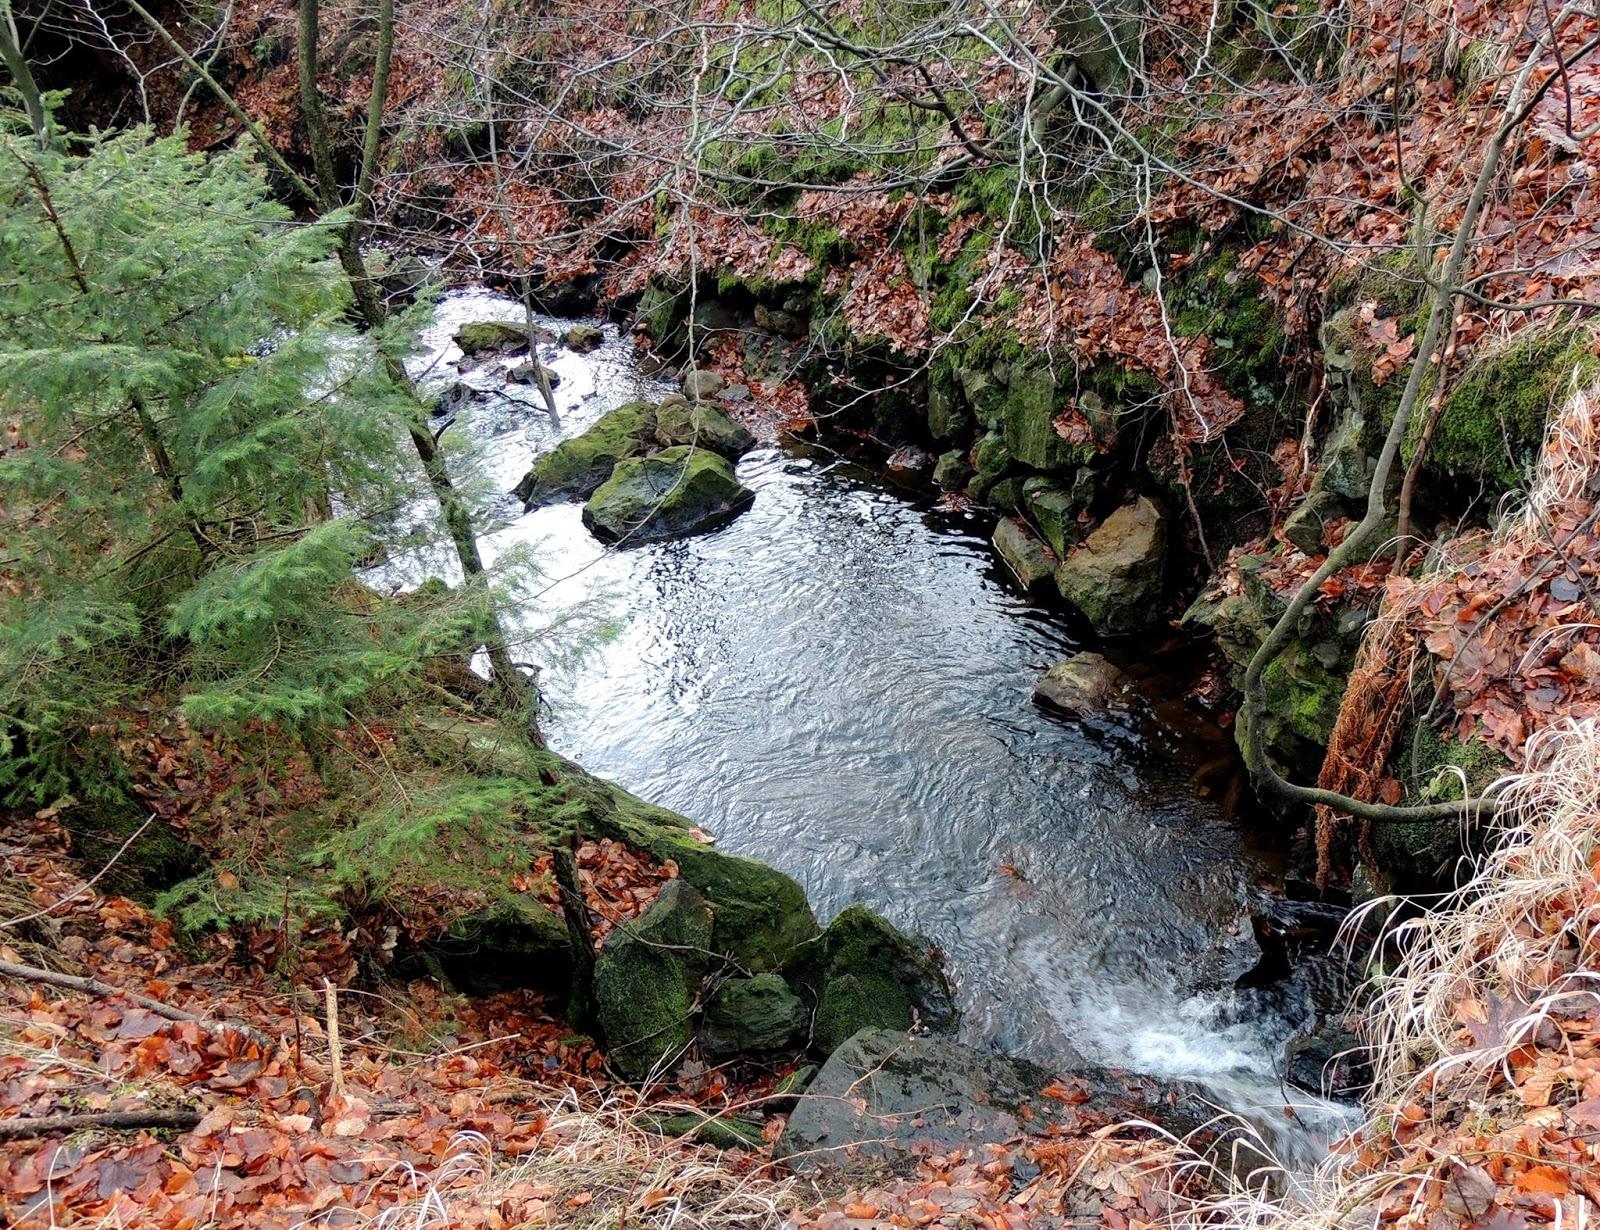 DEN PRO TEBE: Lesní tůň zastavení ticha a míru lesa i tekoucího potůčku